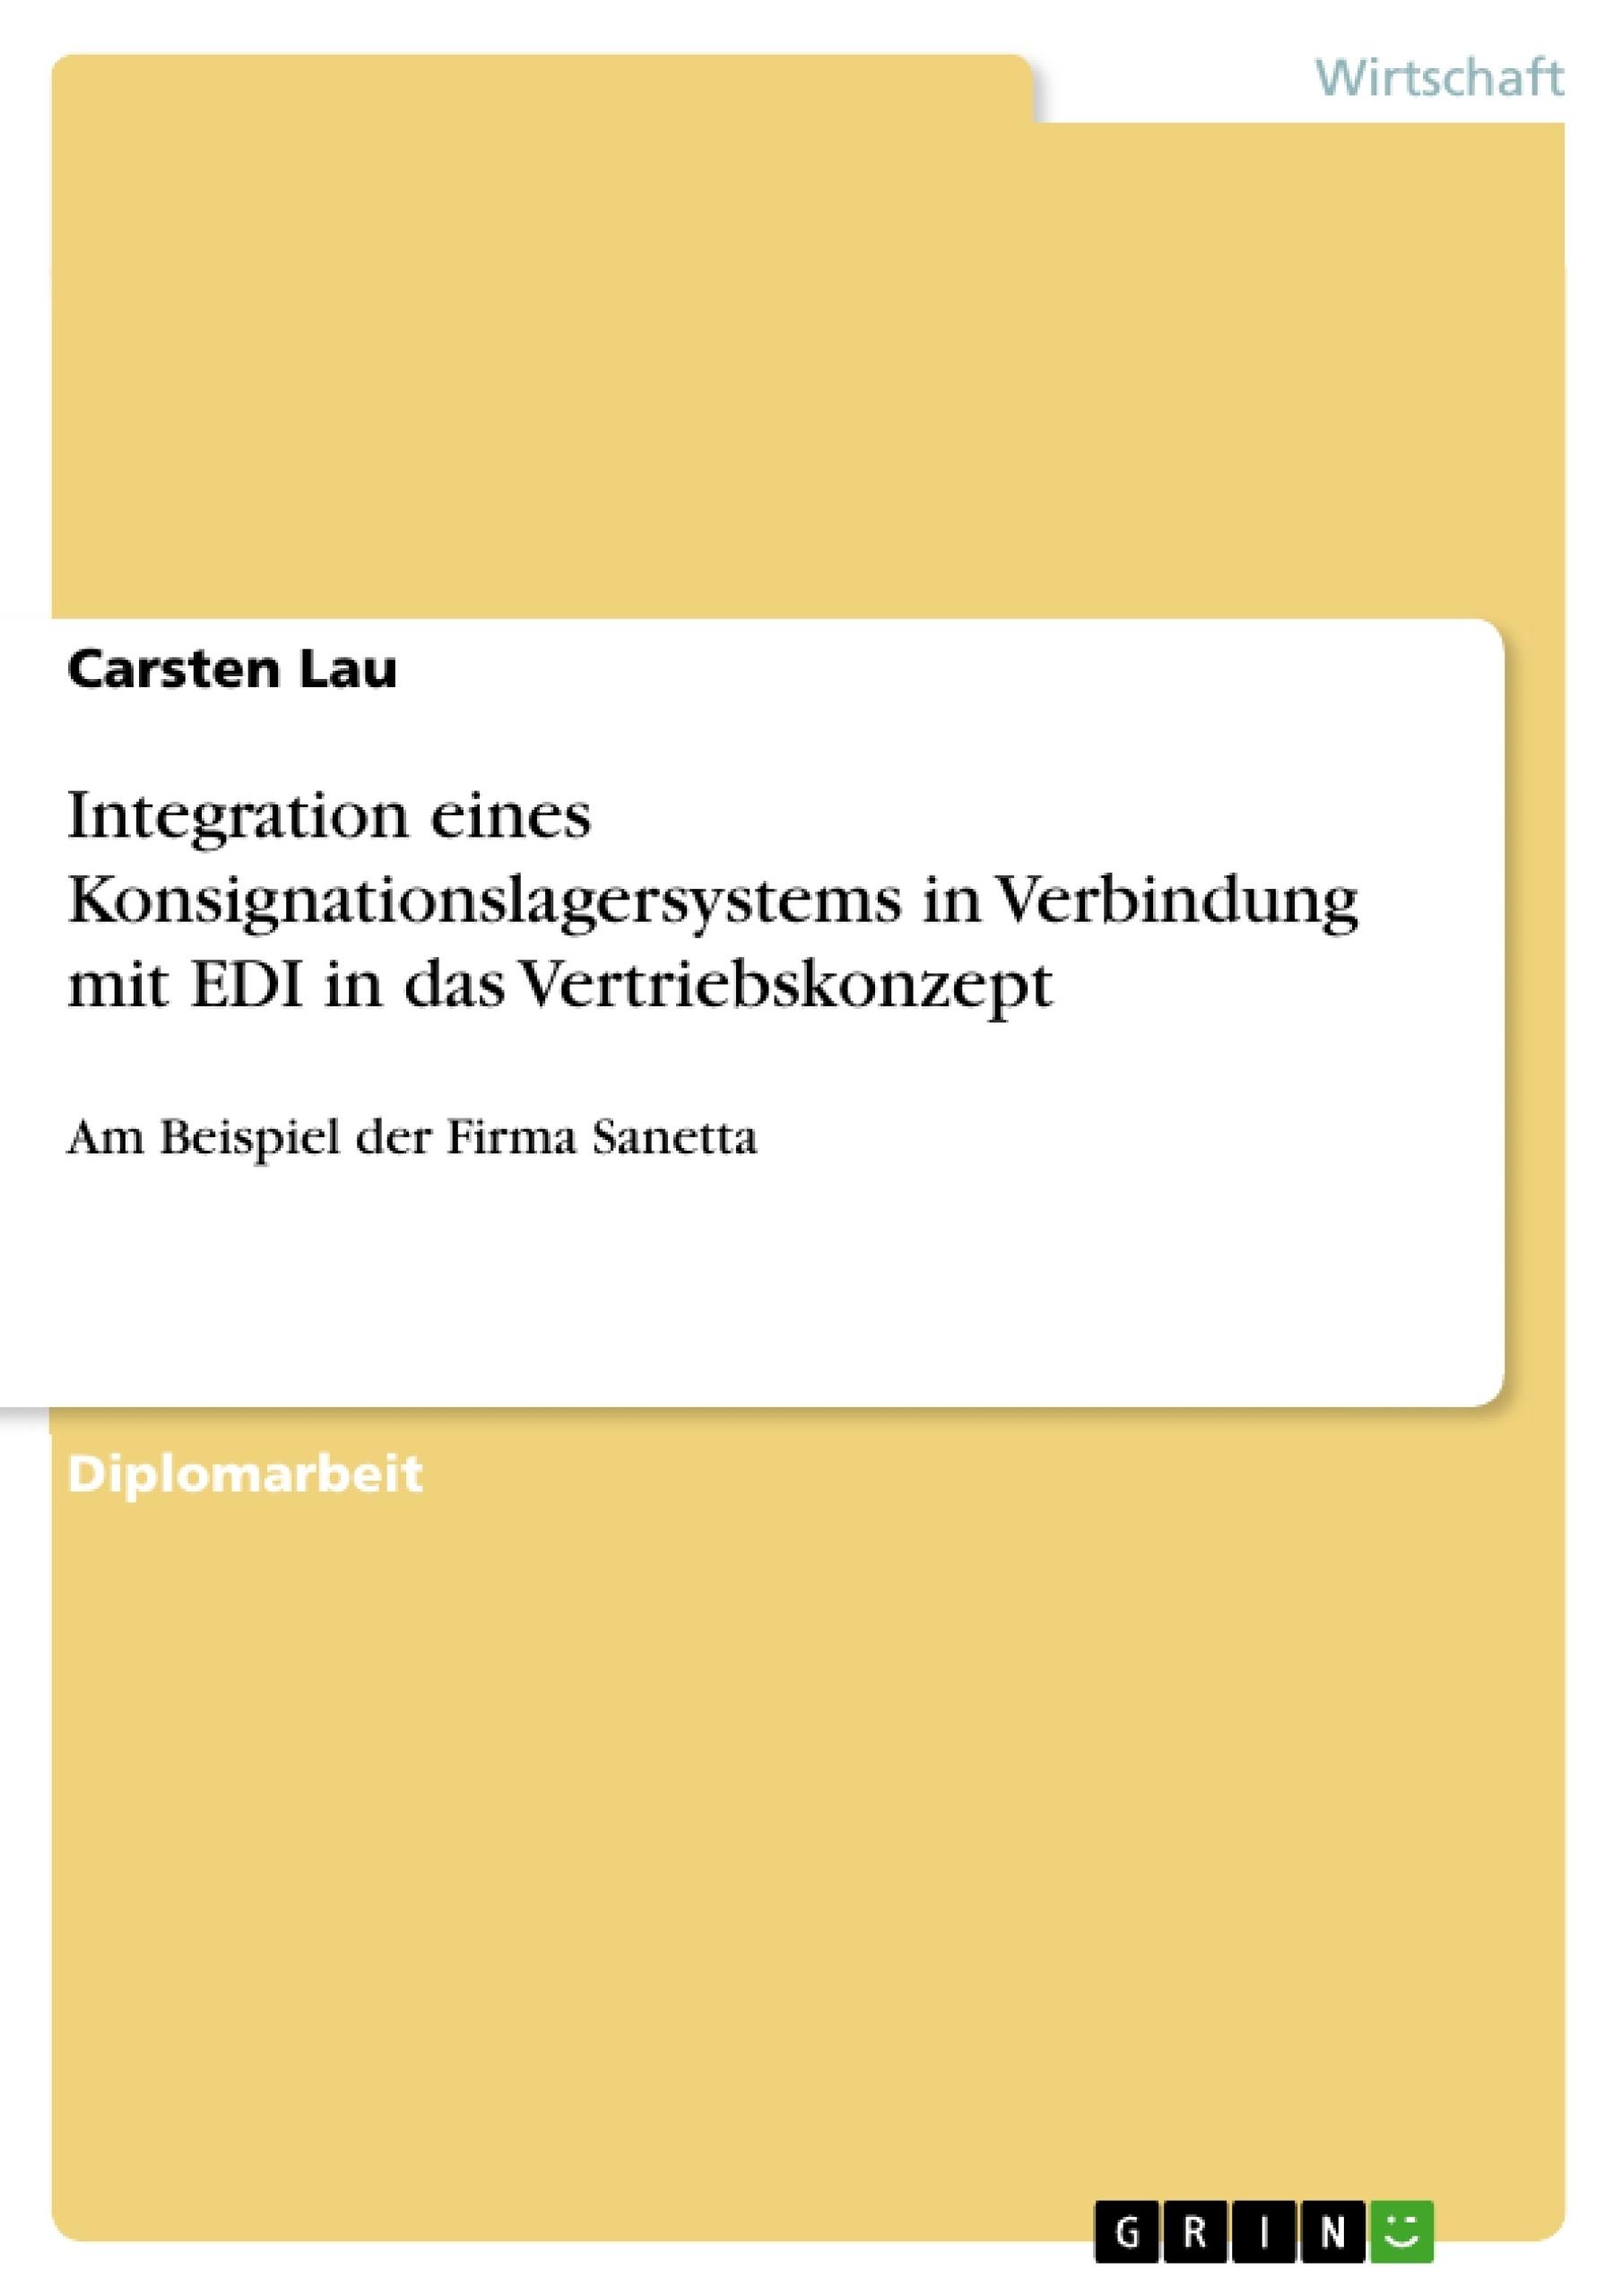 Titel: Integration eines Konsignationslagersystems in Verbindung mit EDI in das Vertriebskonzept